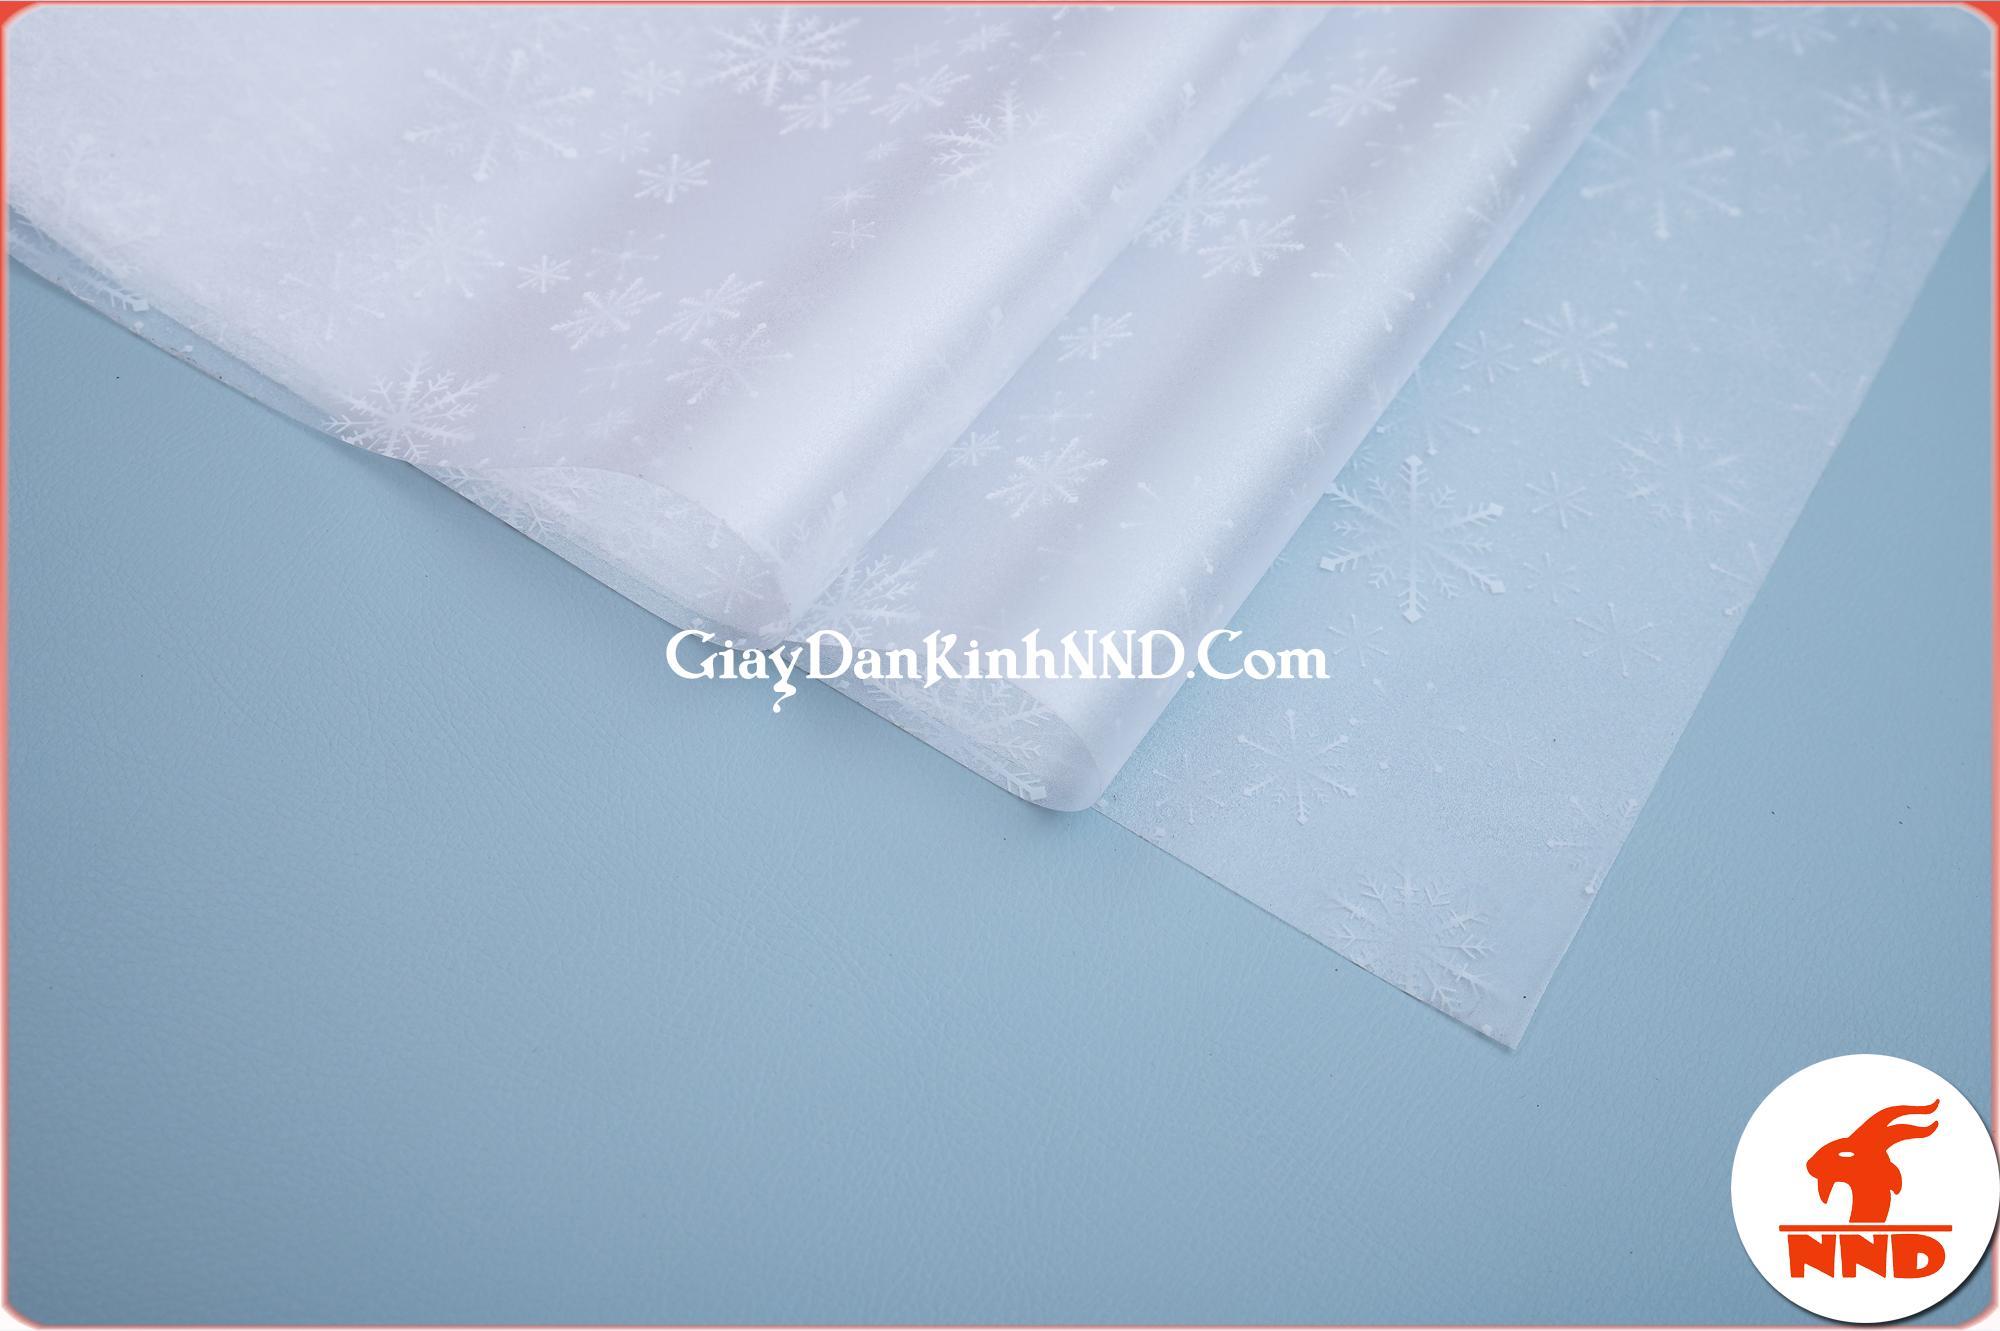 Giấy dán kính trang trí mã A22 là mẫu giấy dán kính hình bông tuyết trắng